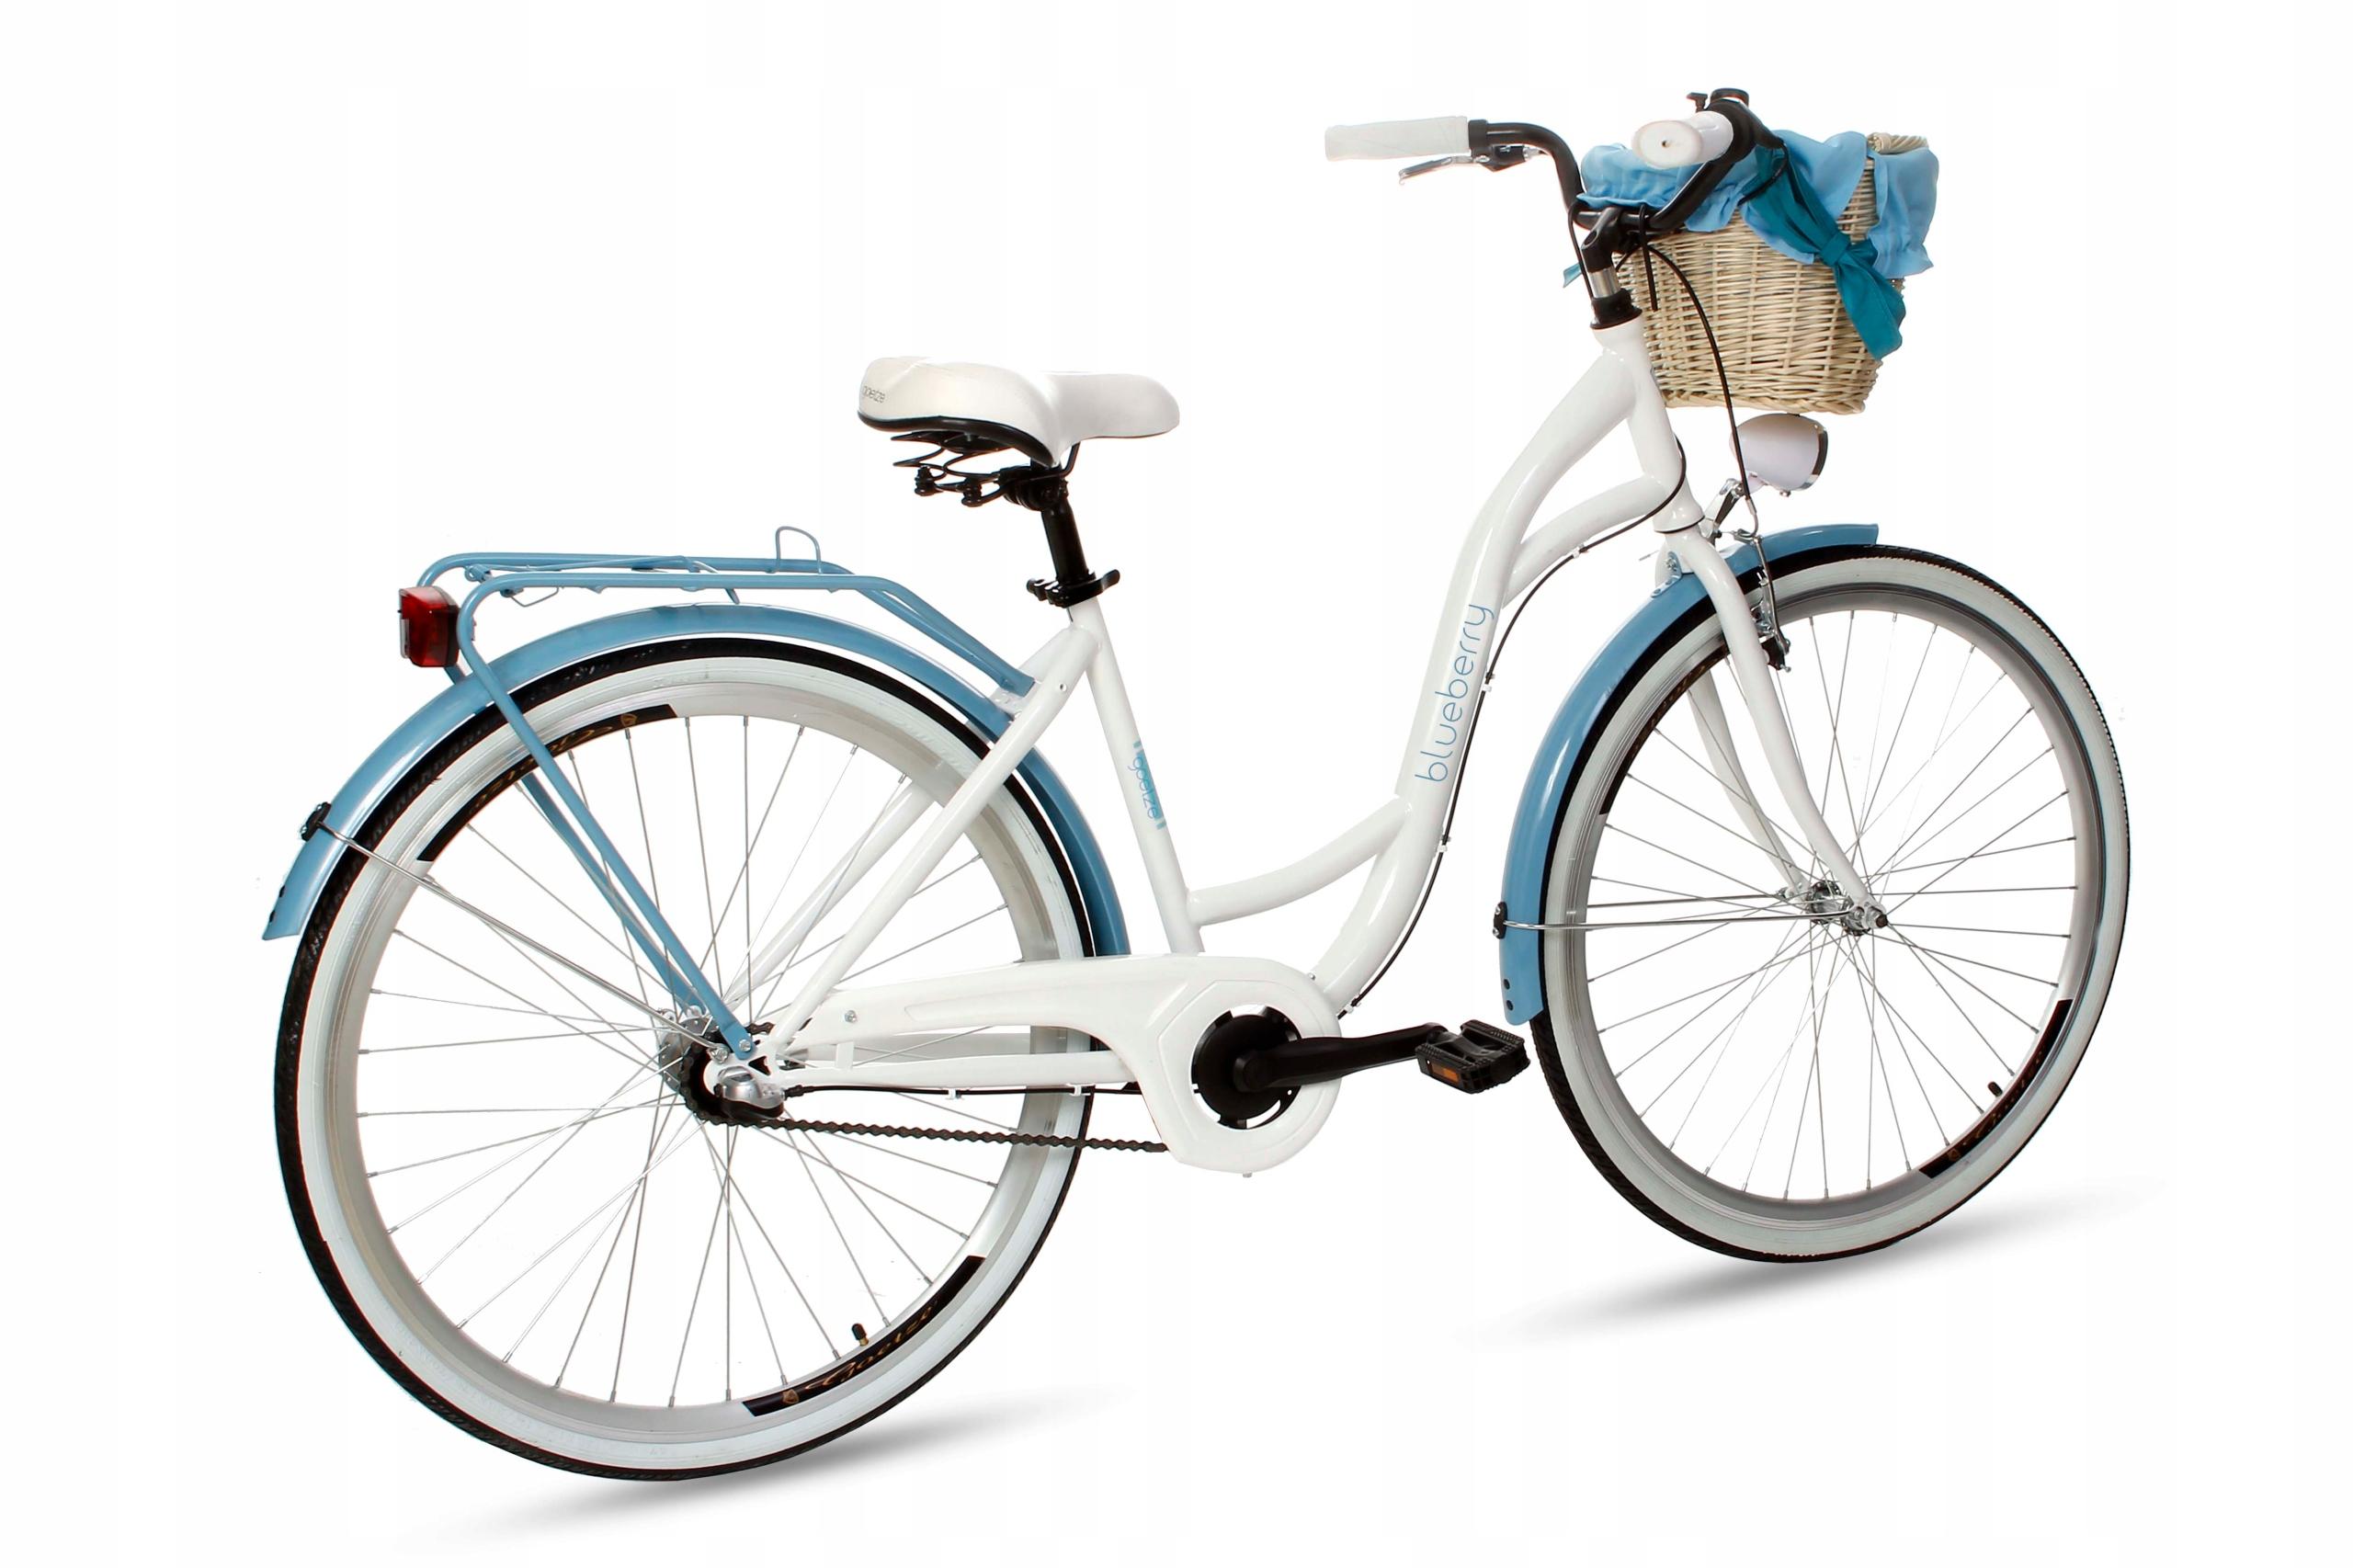 Dámsky mestský bicykel Goetze BLUEBERRY 28 3b košík!  Materiál rámu oceľ